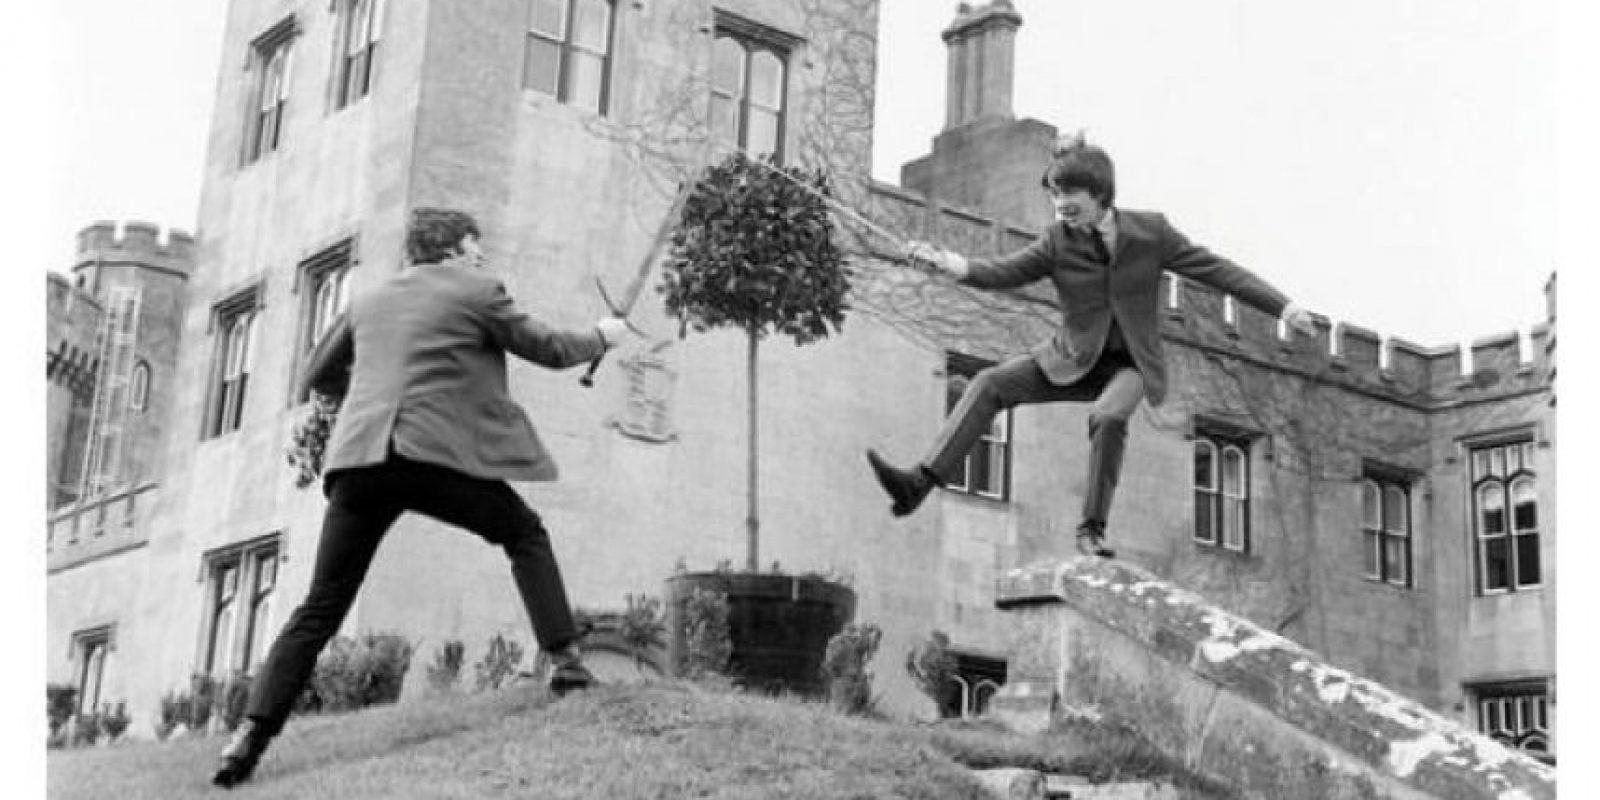 Entre sus huéspedes se encuentra el grupo británico The Beatles Foto:Facebook.com/dromolandcastle